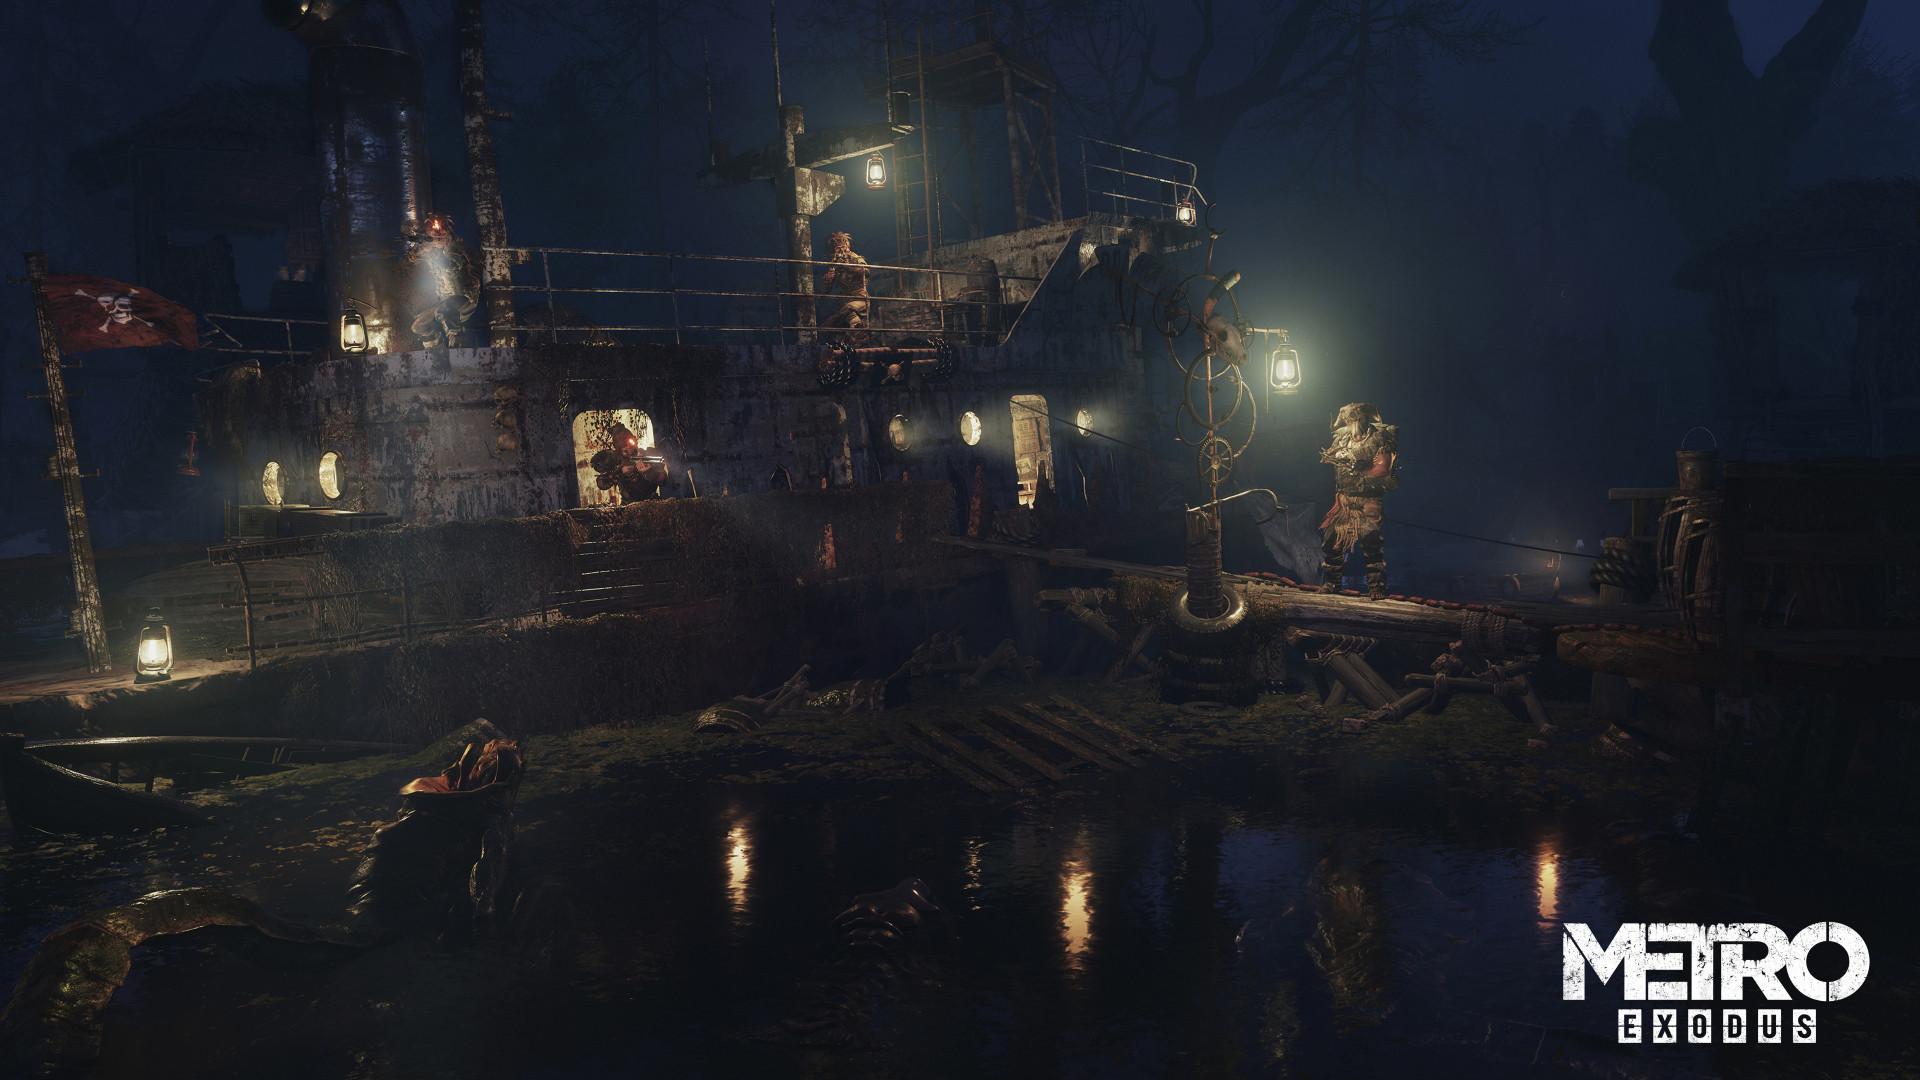 В новом трейлере Metro Exodus показали эпичное путешествие главных героев